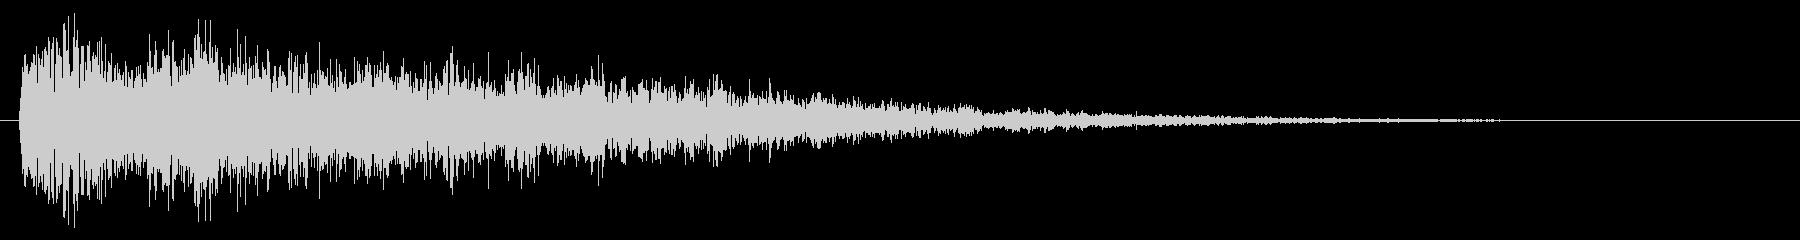 衝撃/ホラー系/テロップの未再生の波形